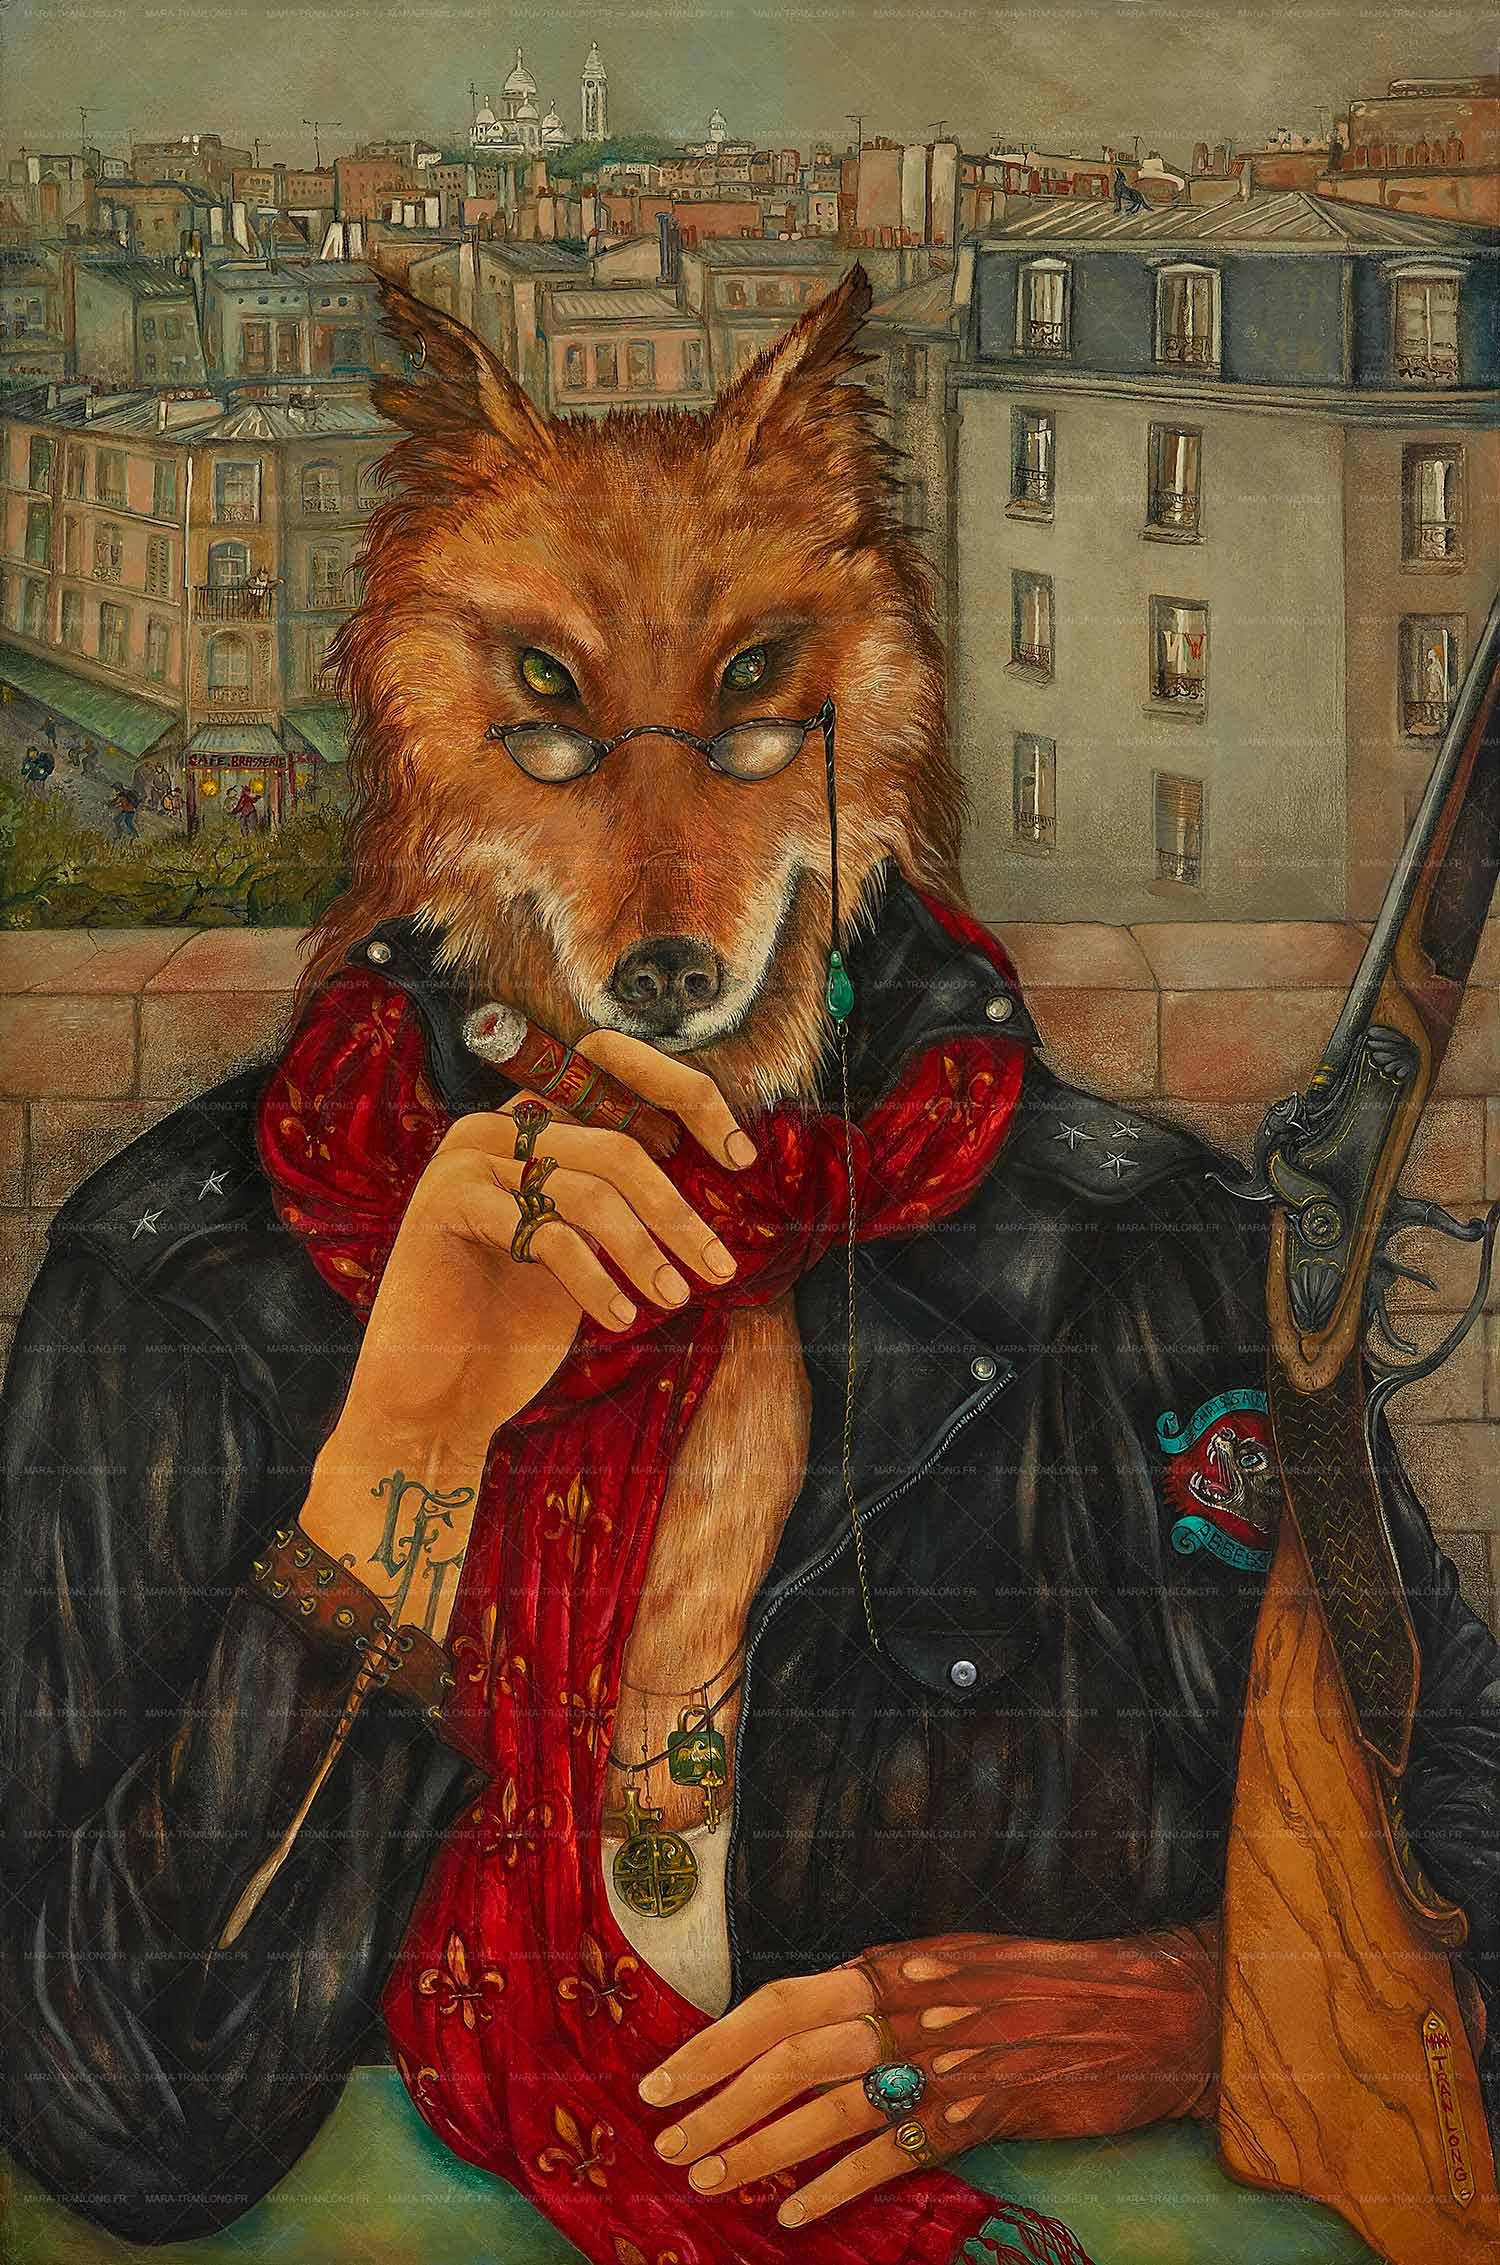 Mara Tranlong - Collection 2005-2008 - Les loulous de Montmartre - Titre : Marginalement Vôtre - Peinture acrylique sur bois - 60 cm x 89,5 cm